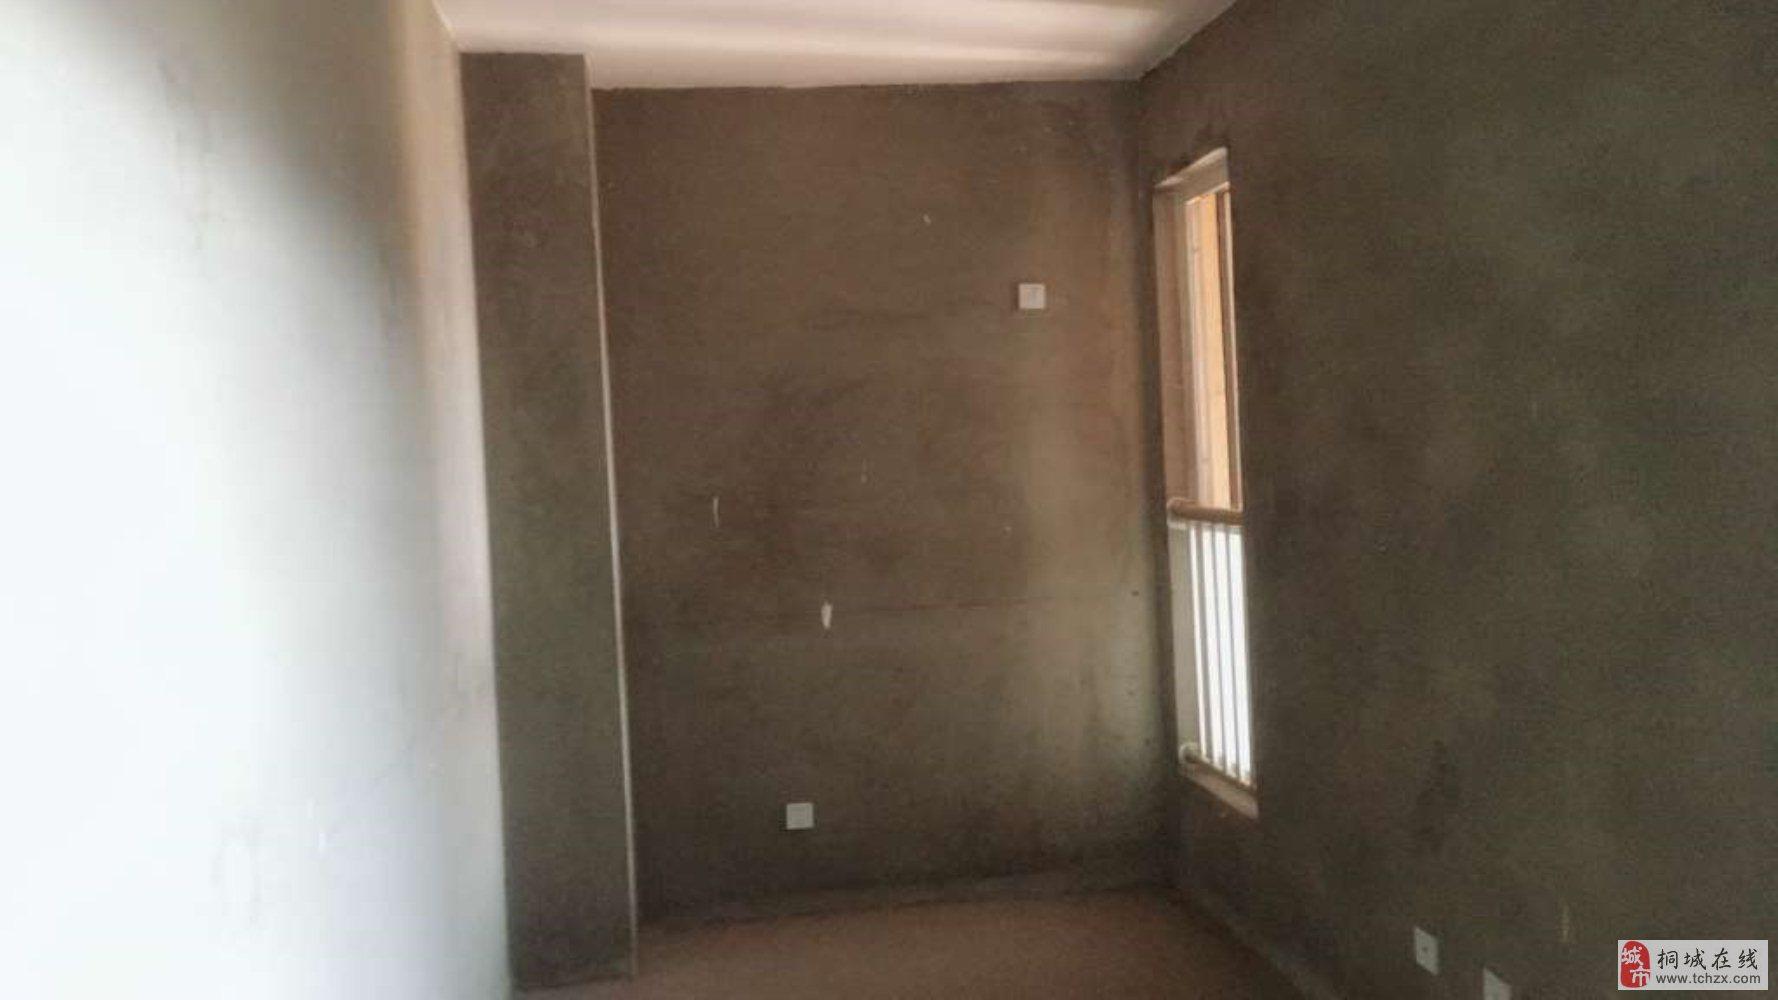 急售龙腾锦绣城毛坯房4室2厅2卫65万元